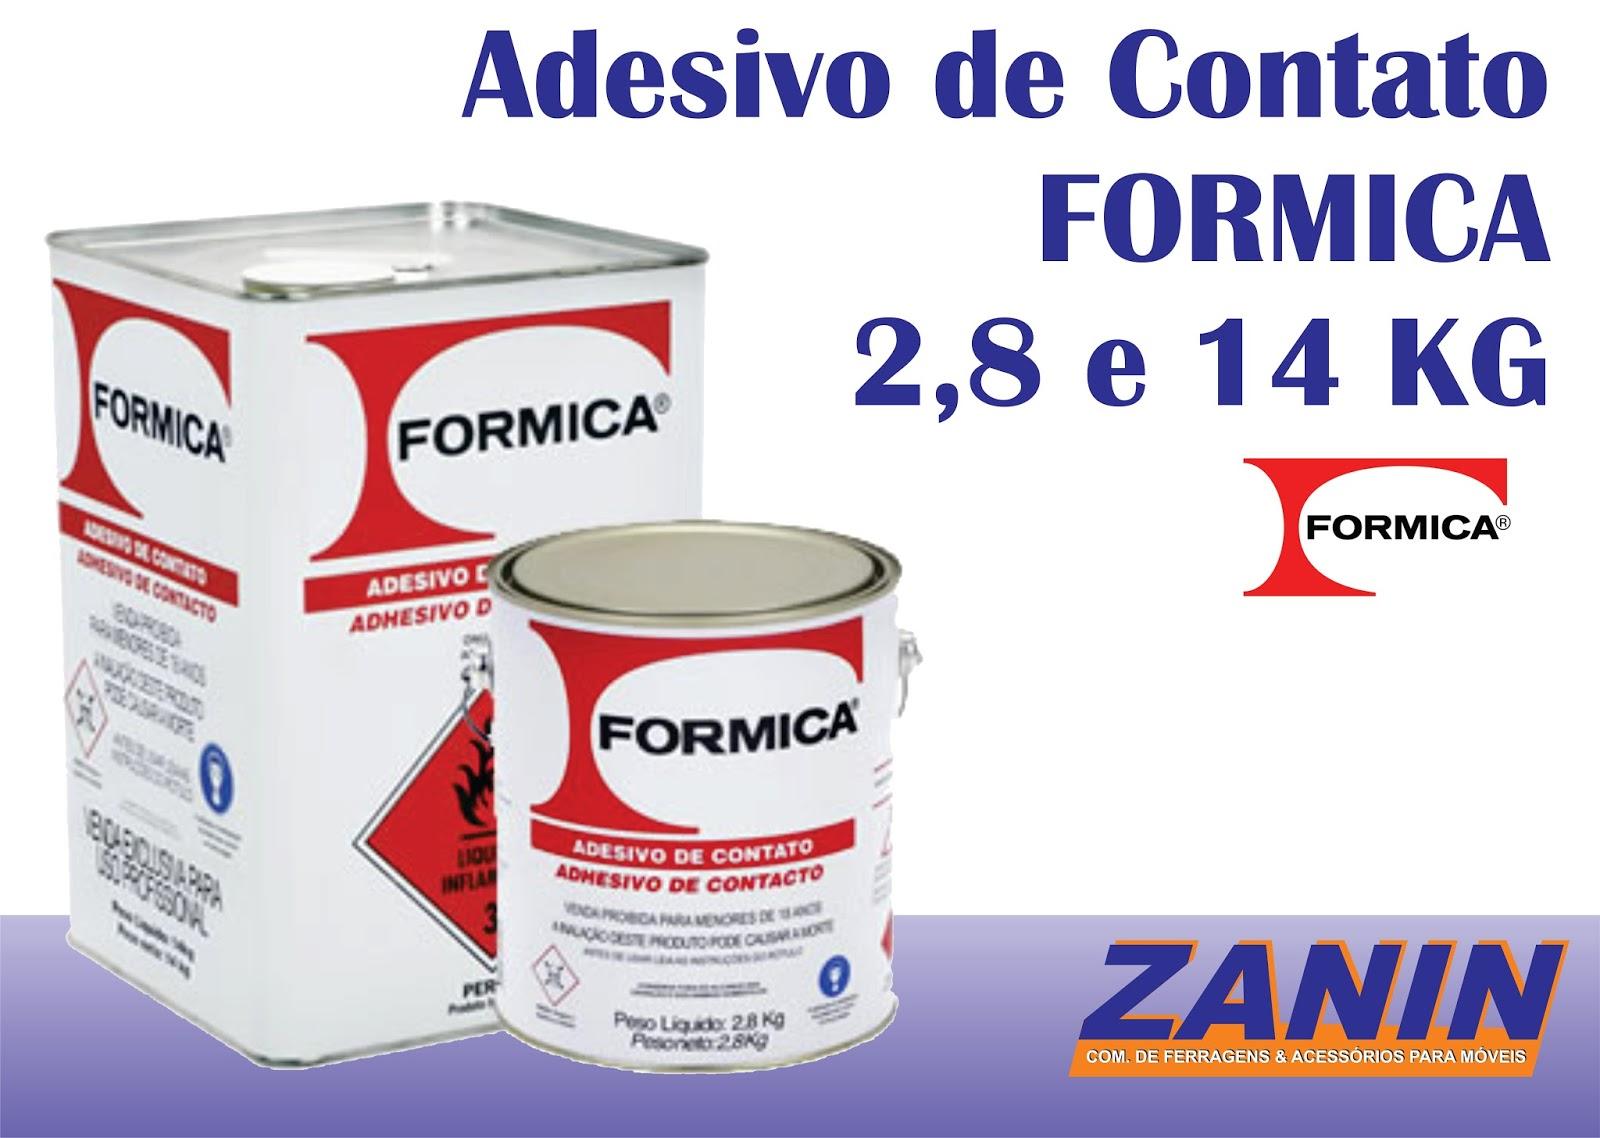 Adesivo De Contato Fcc ~ Zanin Adesivo de Contato FORMICA!